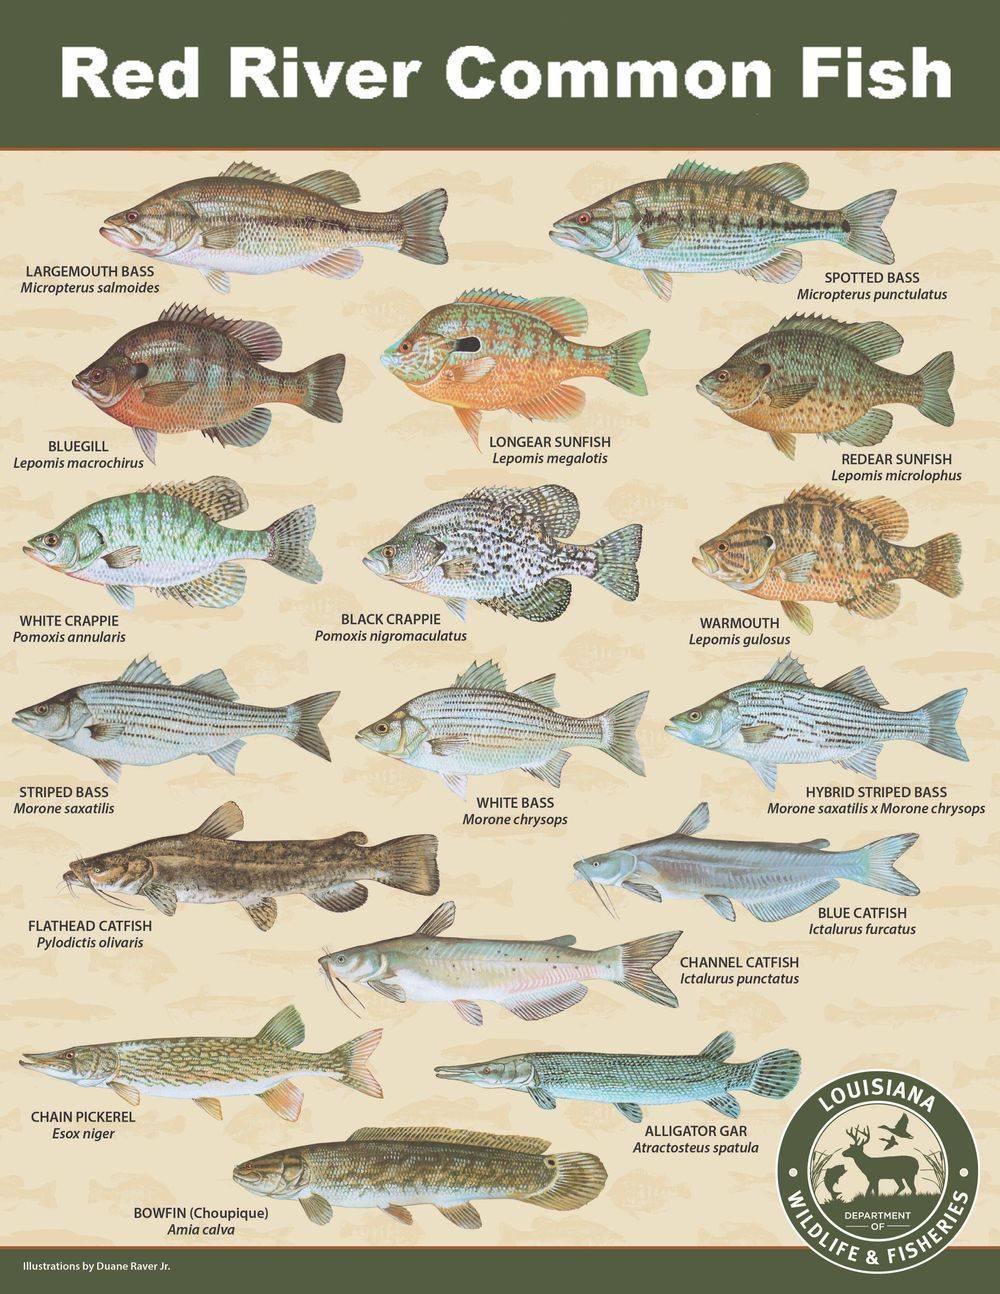 bass, bluegill, crappie, catfish, gar, sunfish